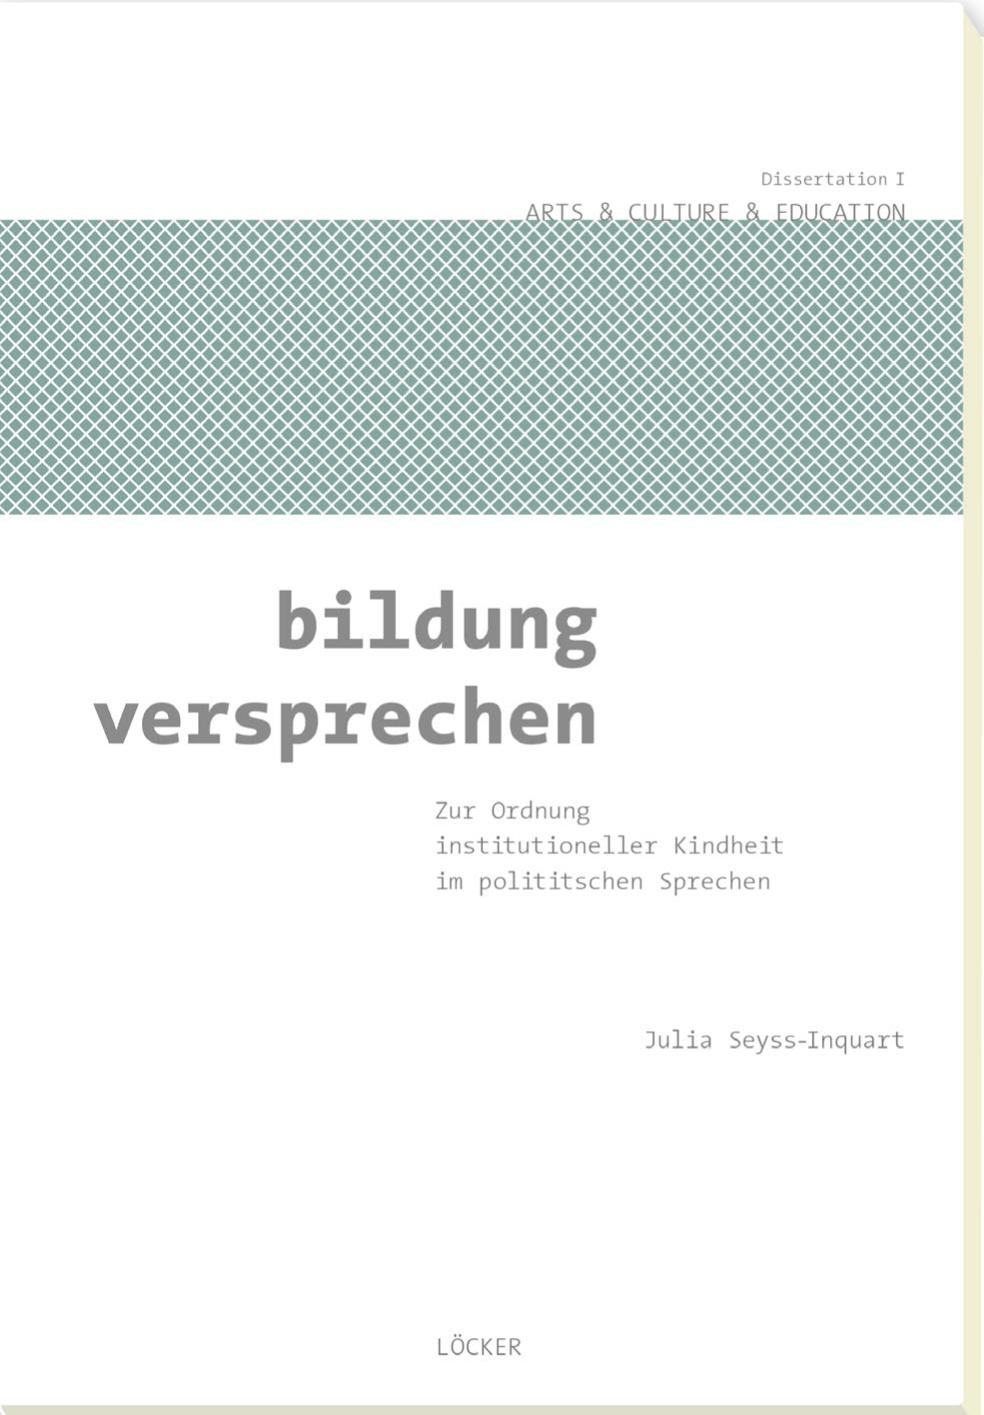 Bildung versprechen 1 - Julia Seyss-Inquart -  9783854097884